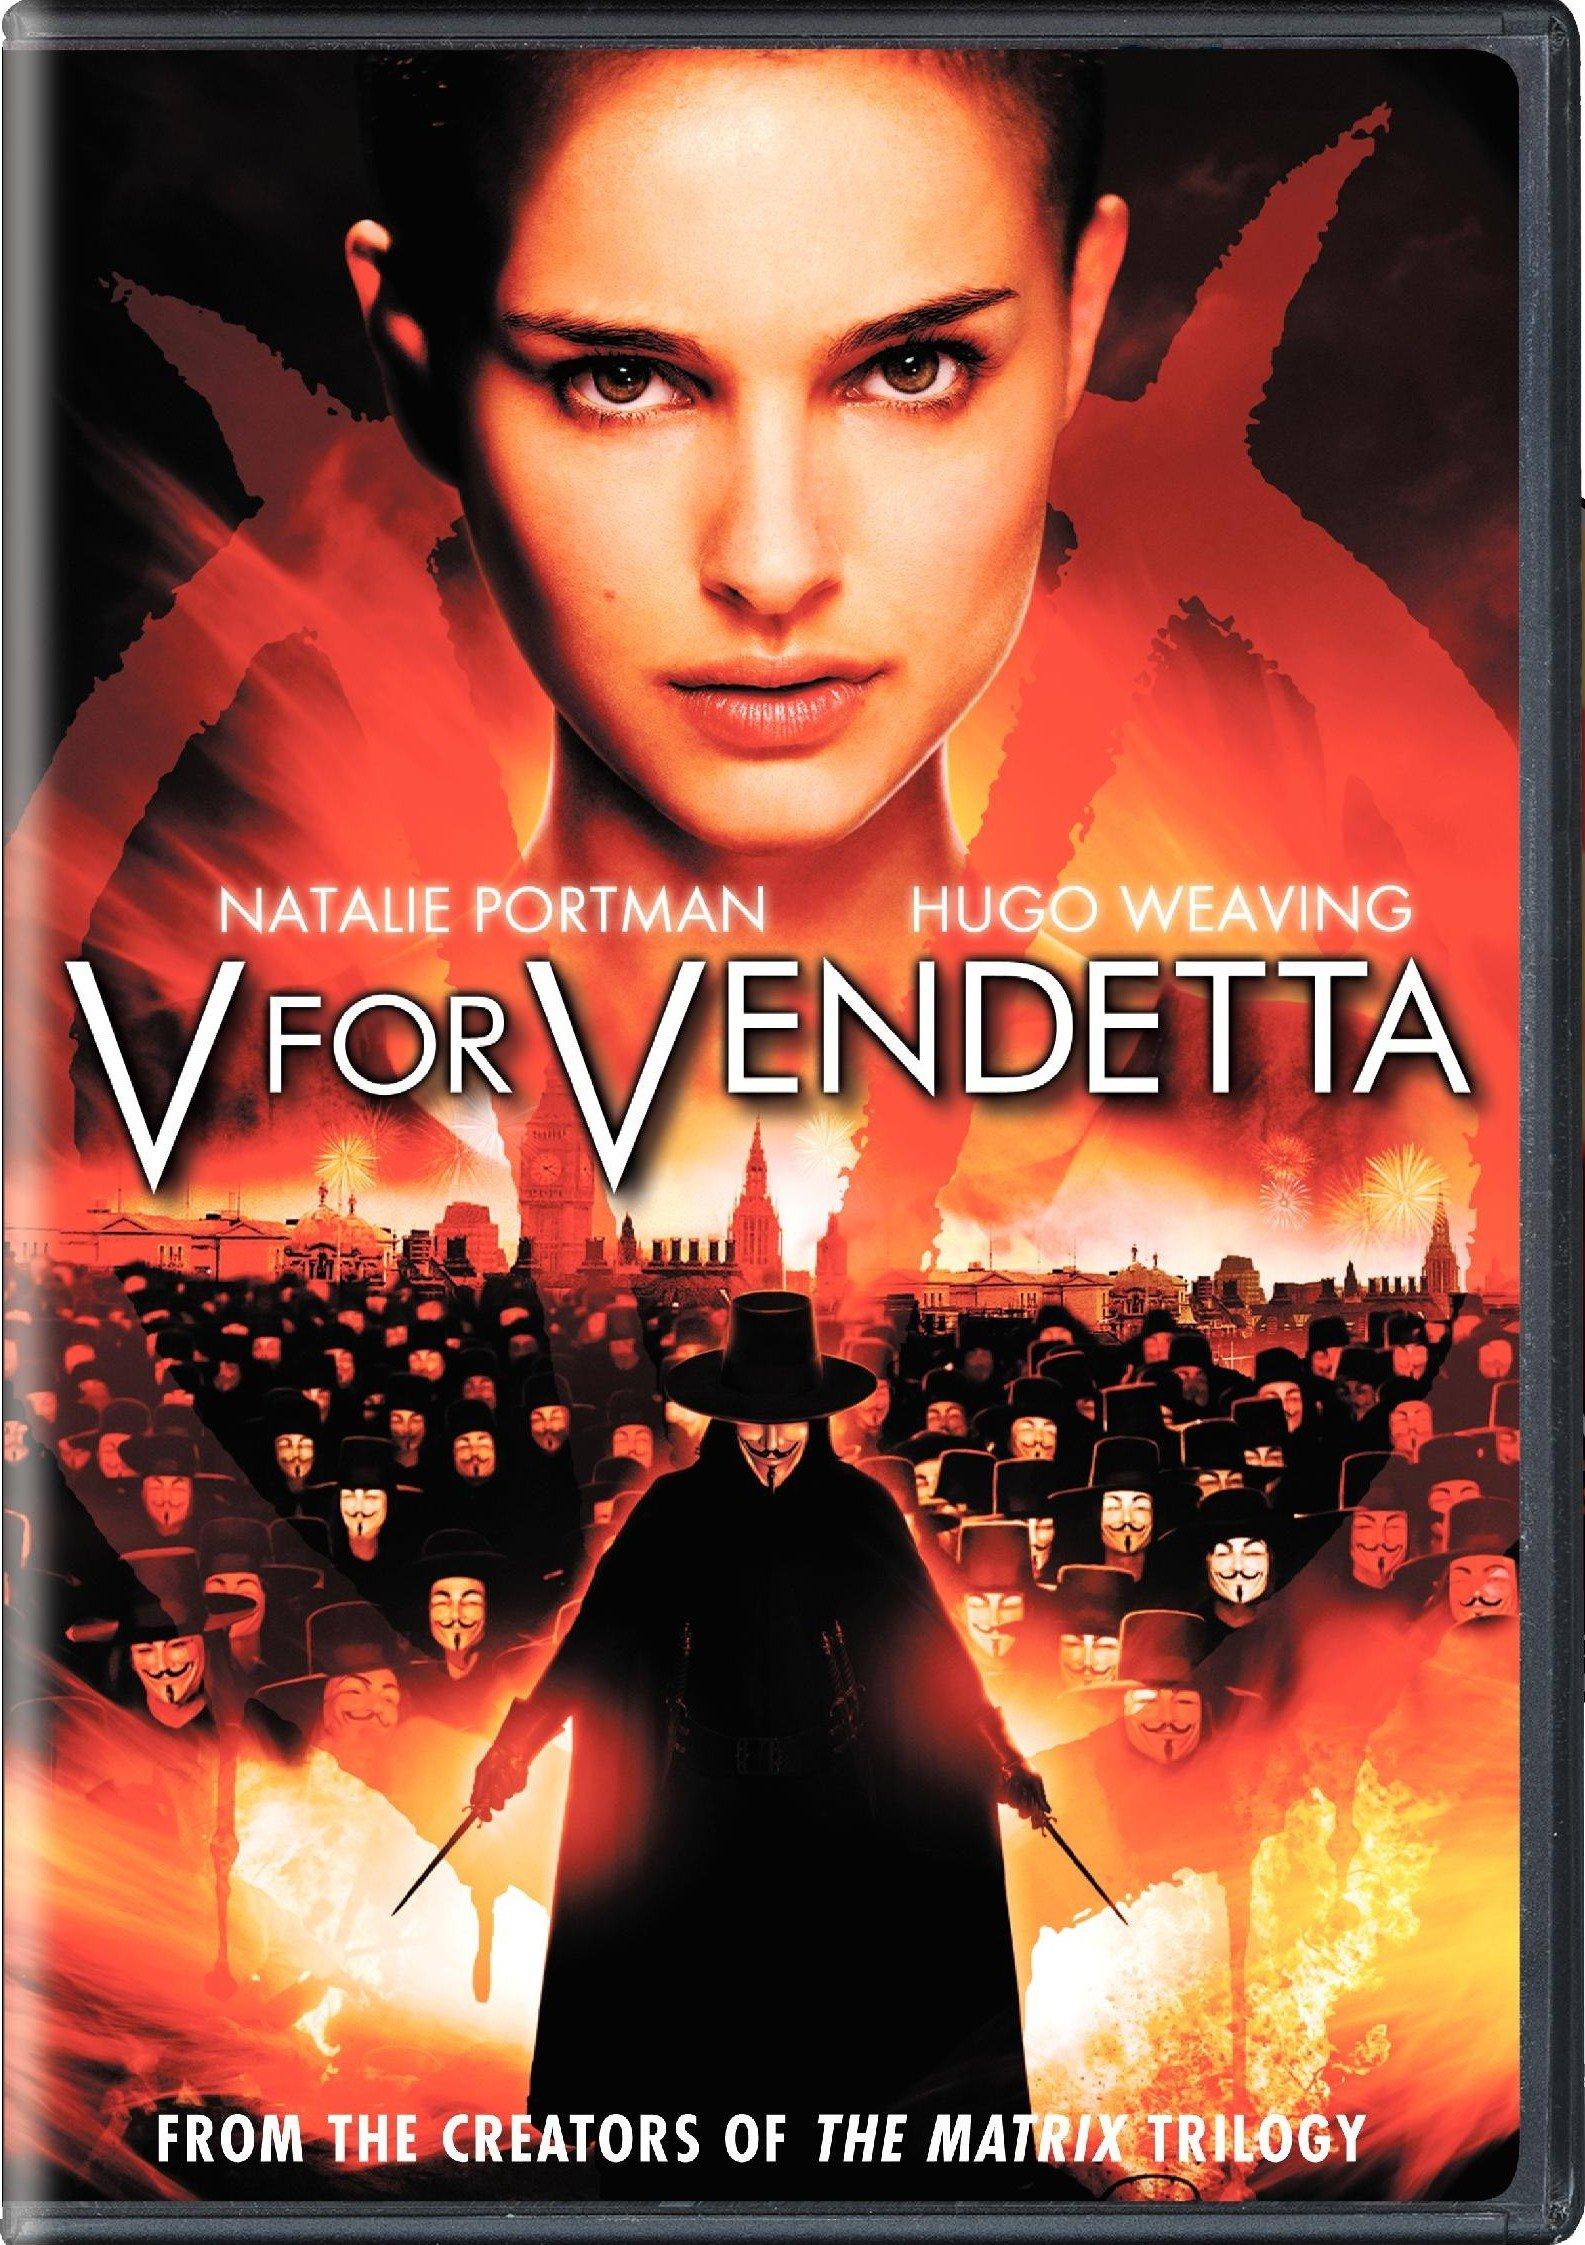 v-for-vendetta-dvd-cover-03.jpg